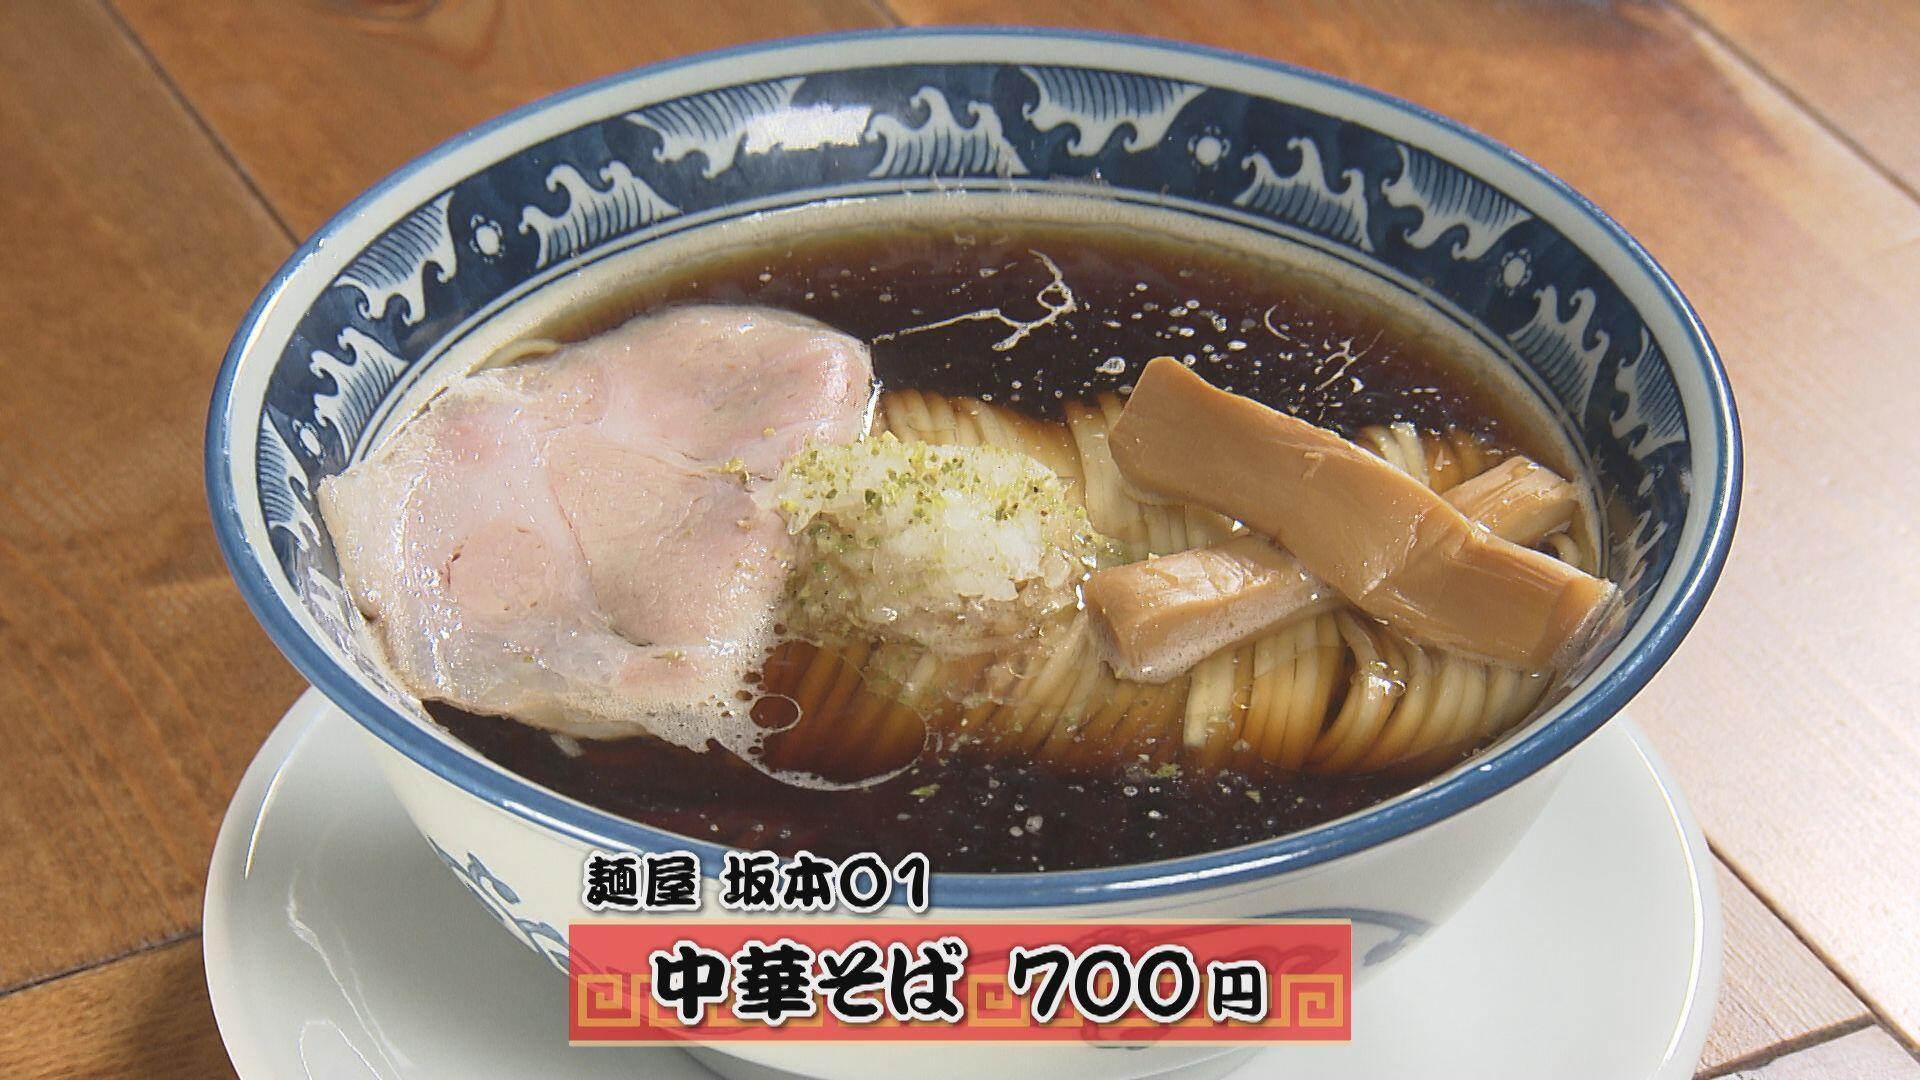 麺屋 坂本01_画像1